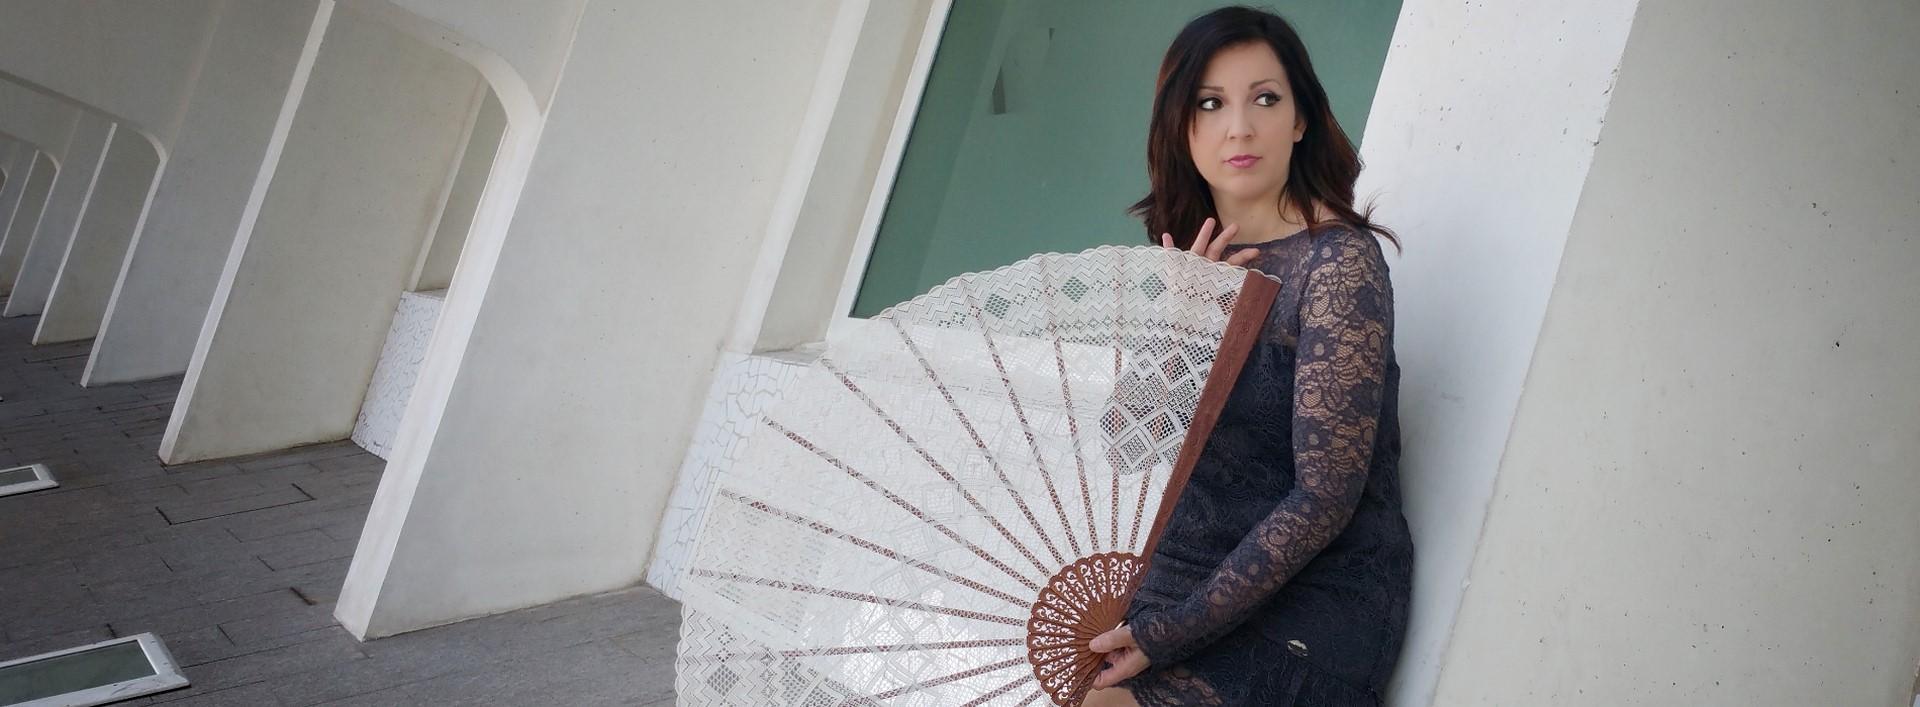 Raquel Marí Adsuar